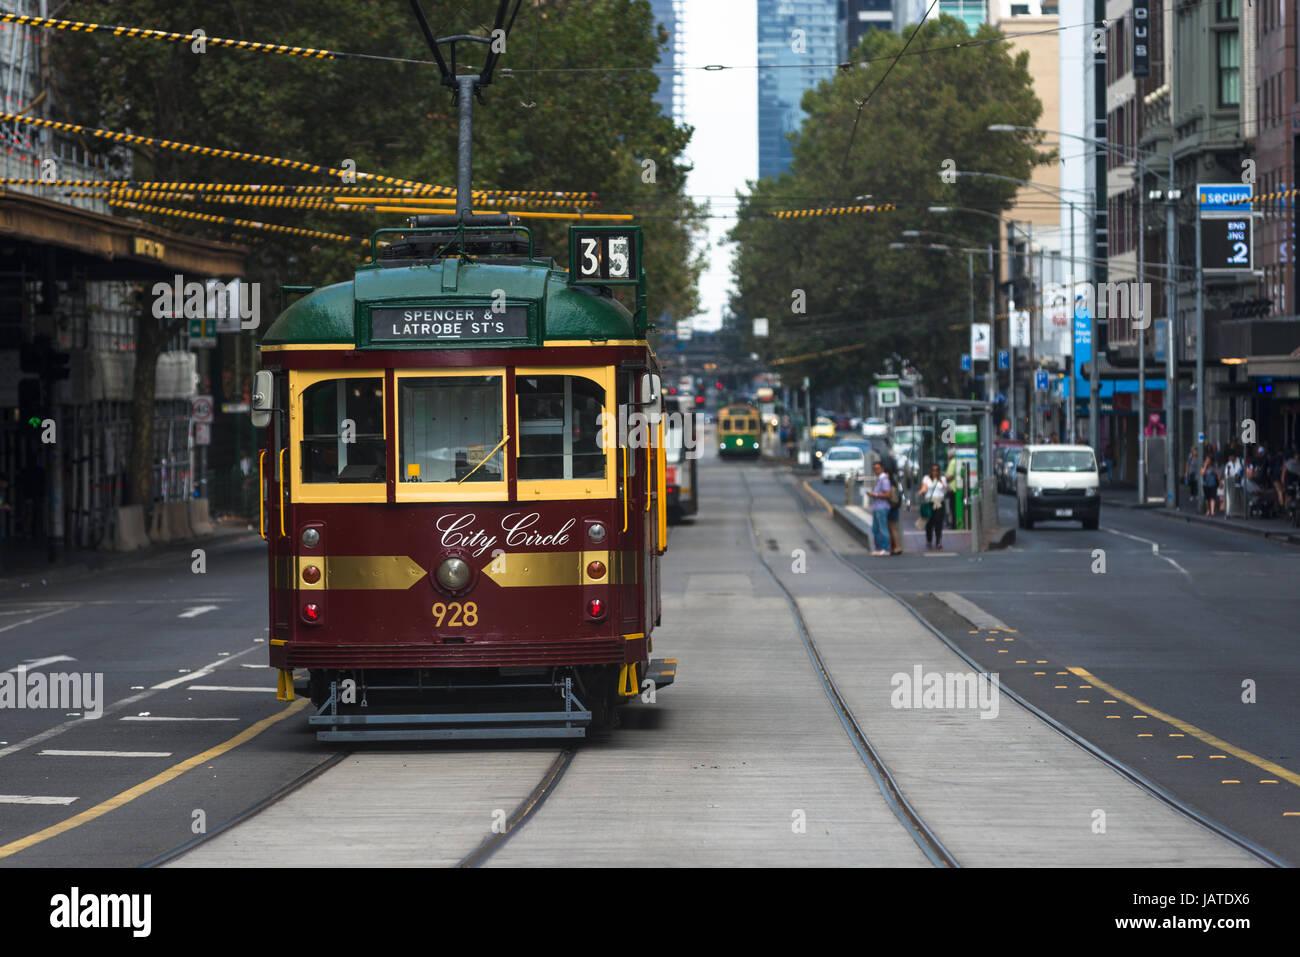 Traditional Trams in Melbourne city centre, Victoria, Australia. - Stock Image